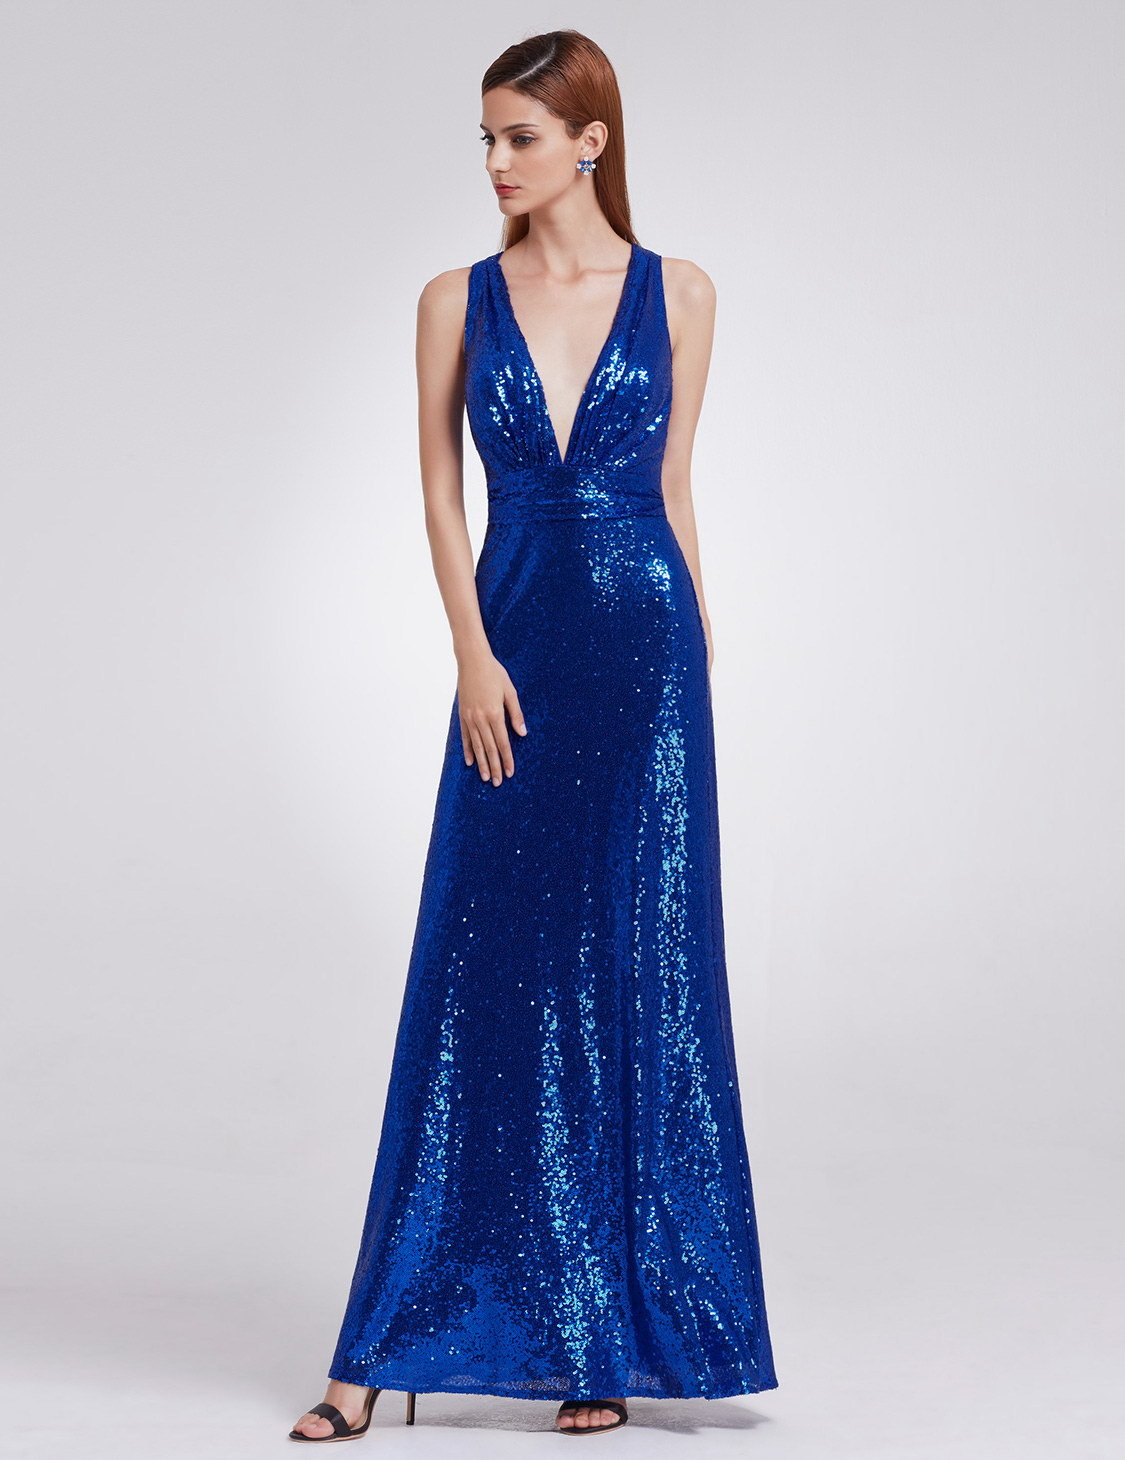 3deafb216d1 ... расшитое пайетками Длинное синее платье с открытой спиной